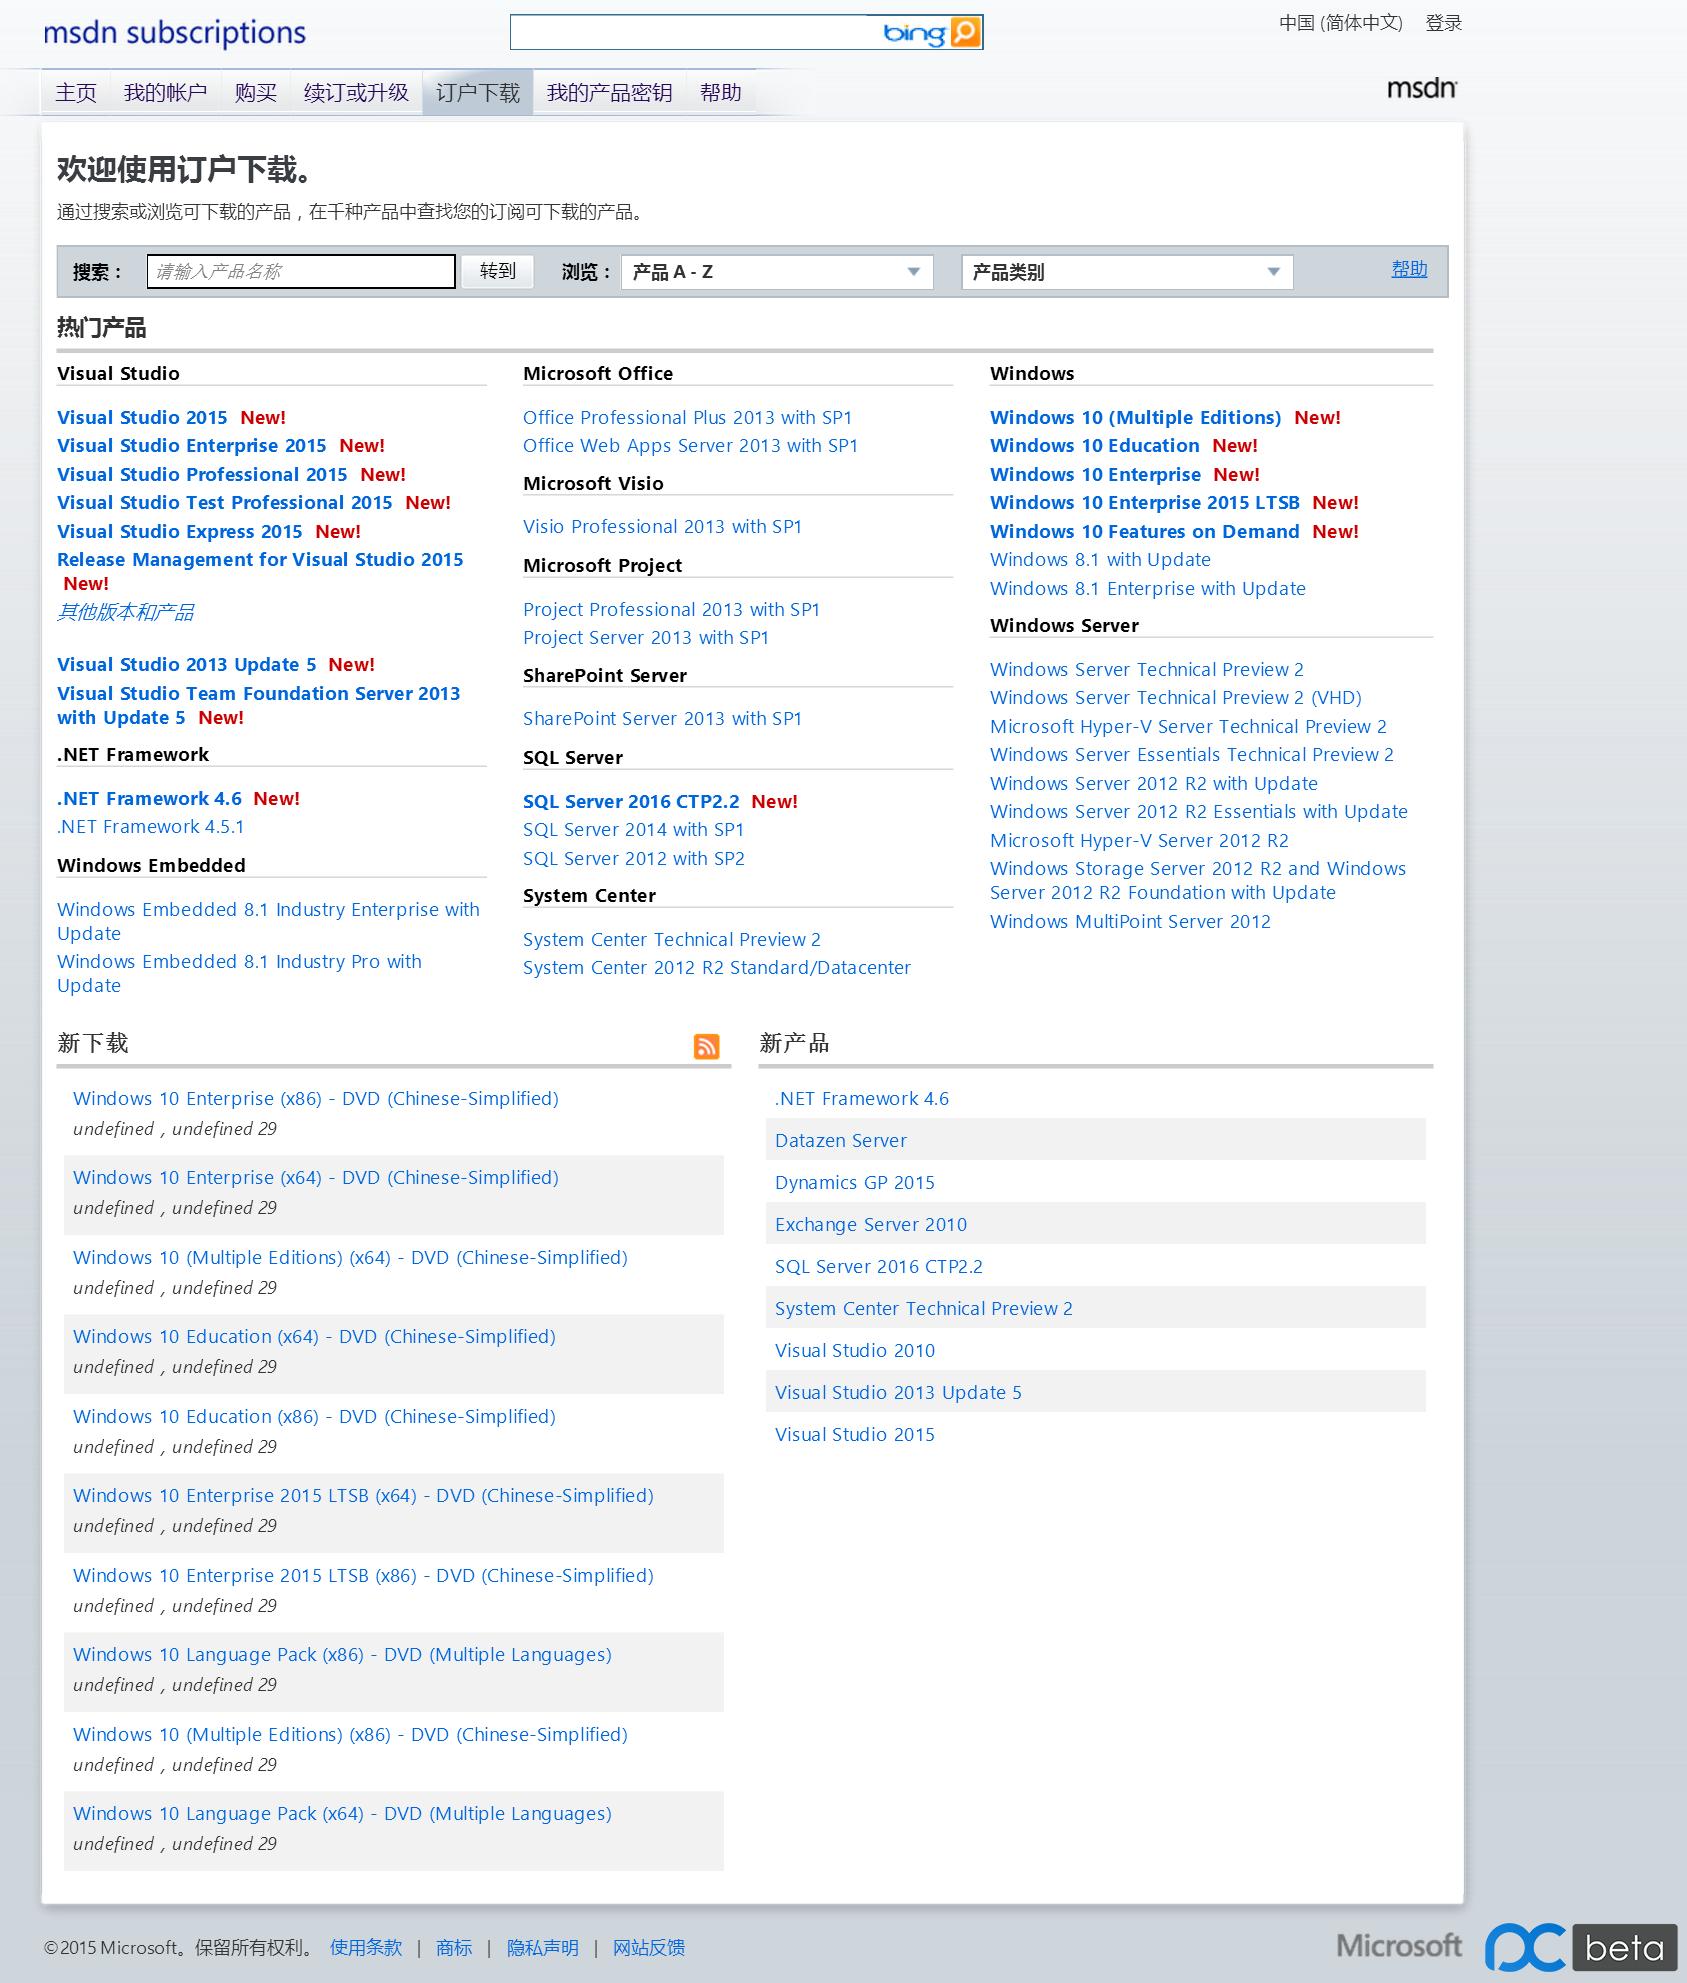 QQ浏览器截屏未命名1.png